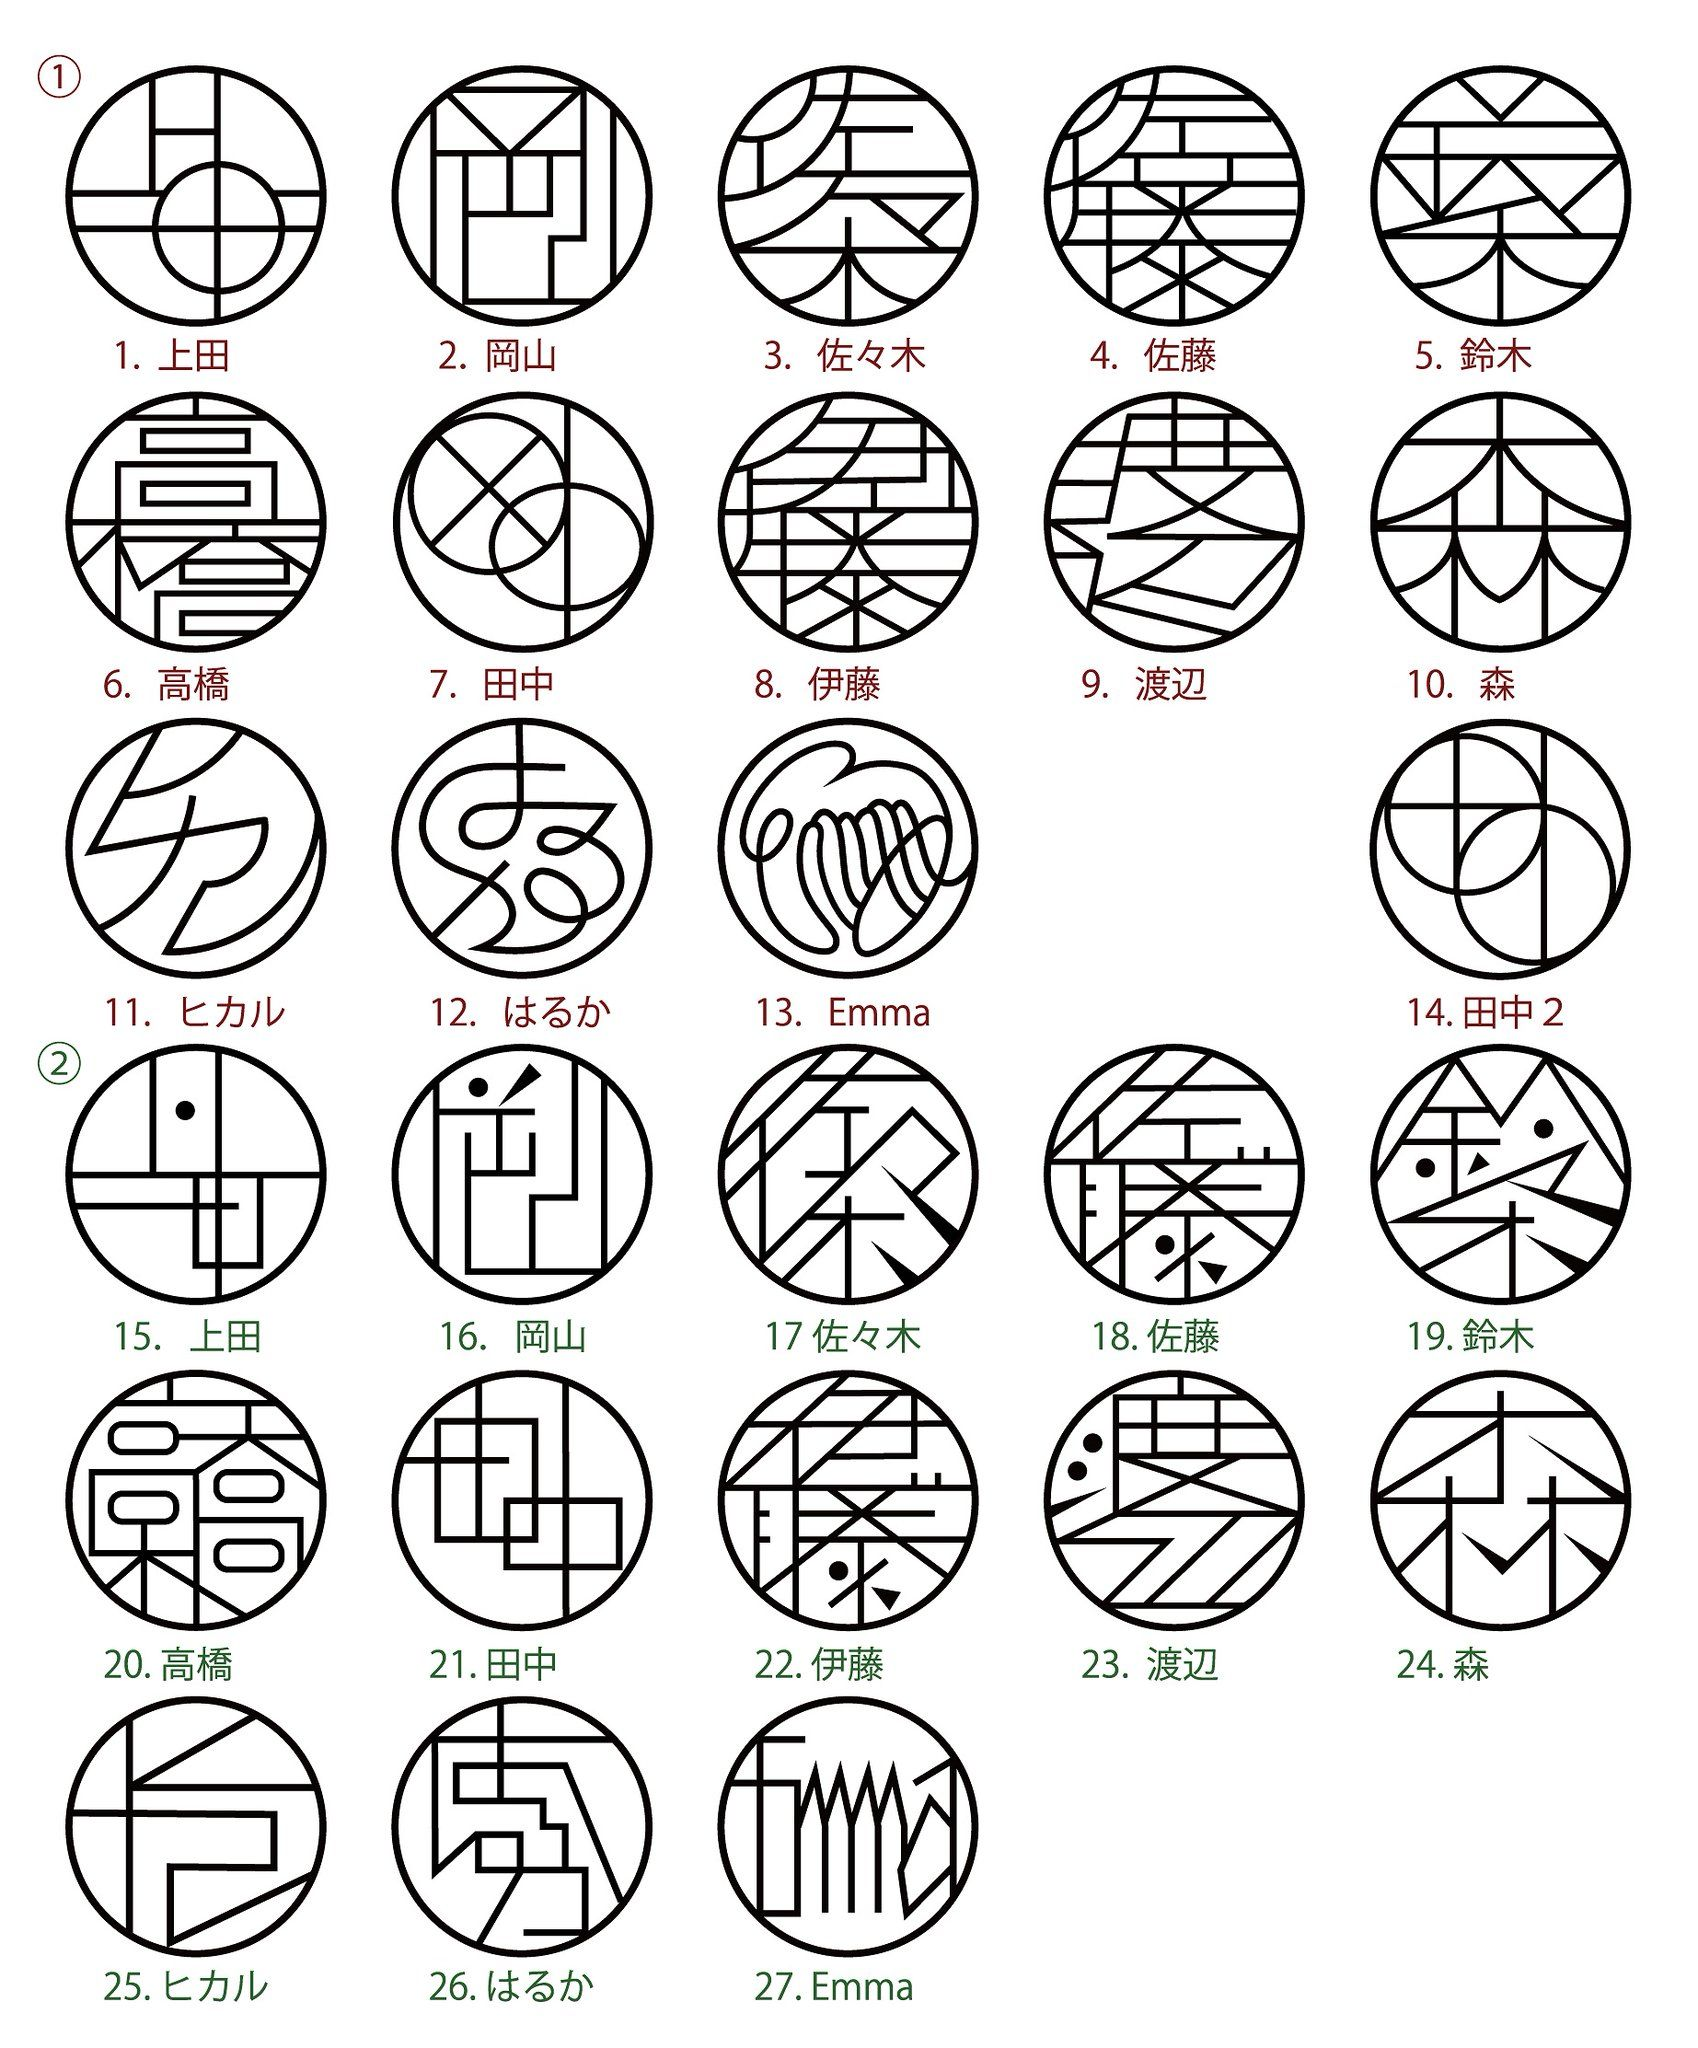 ねこずかん On Twitter 判子 デザイン 篆刻 デザイン 文房具のデザイン